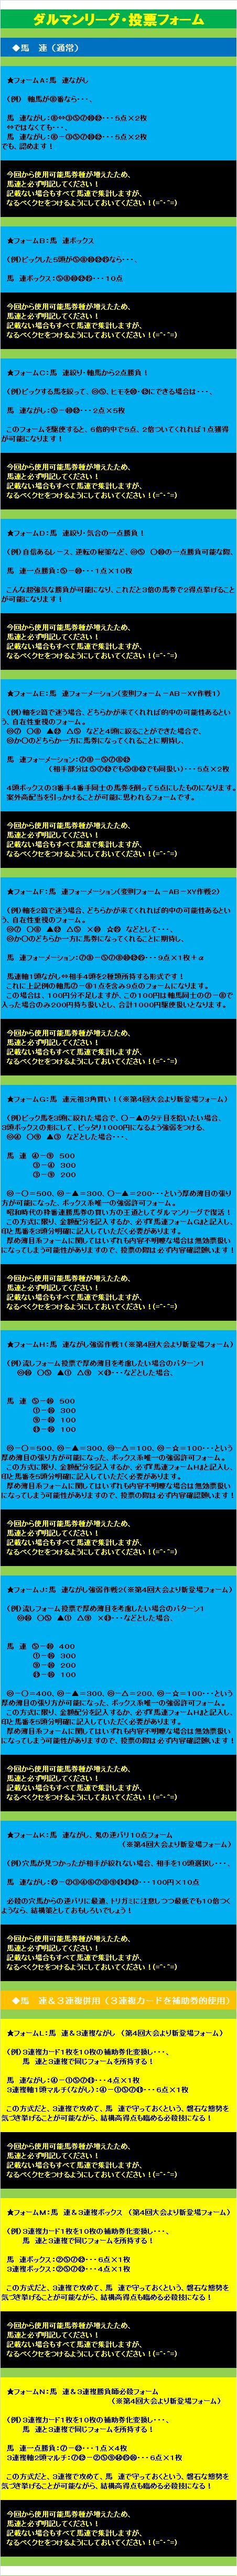 20120505・ダルマンリーグ投票フォーム第4回大会改正①.jpg